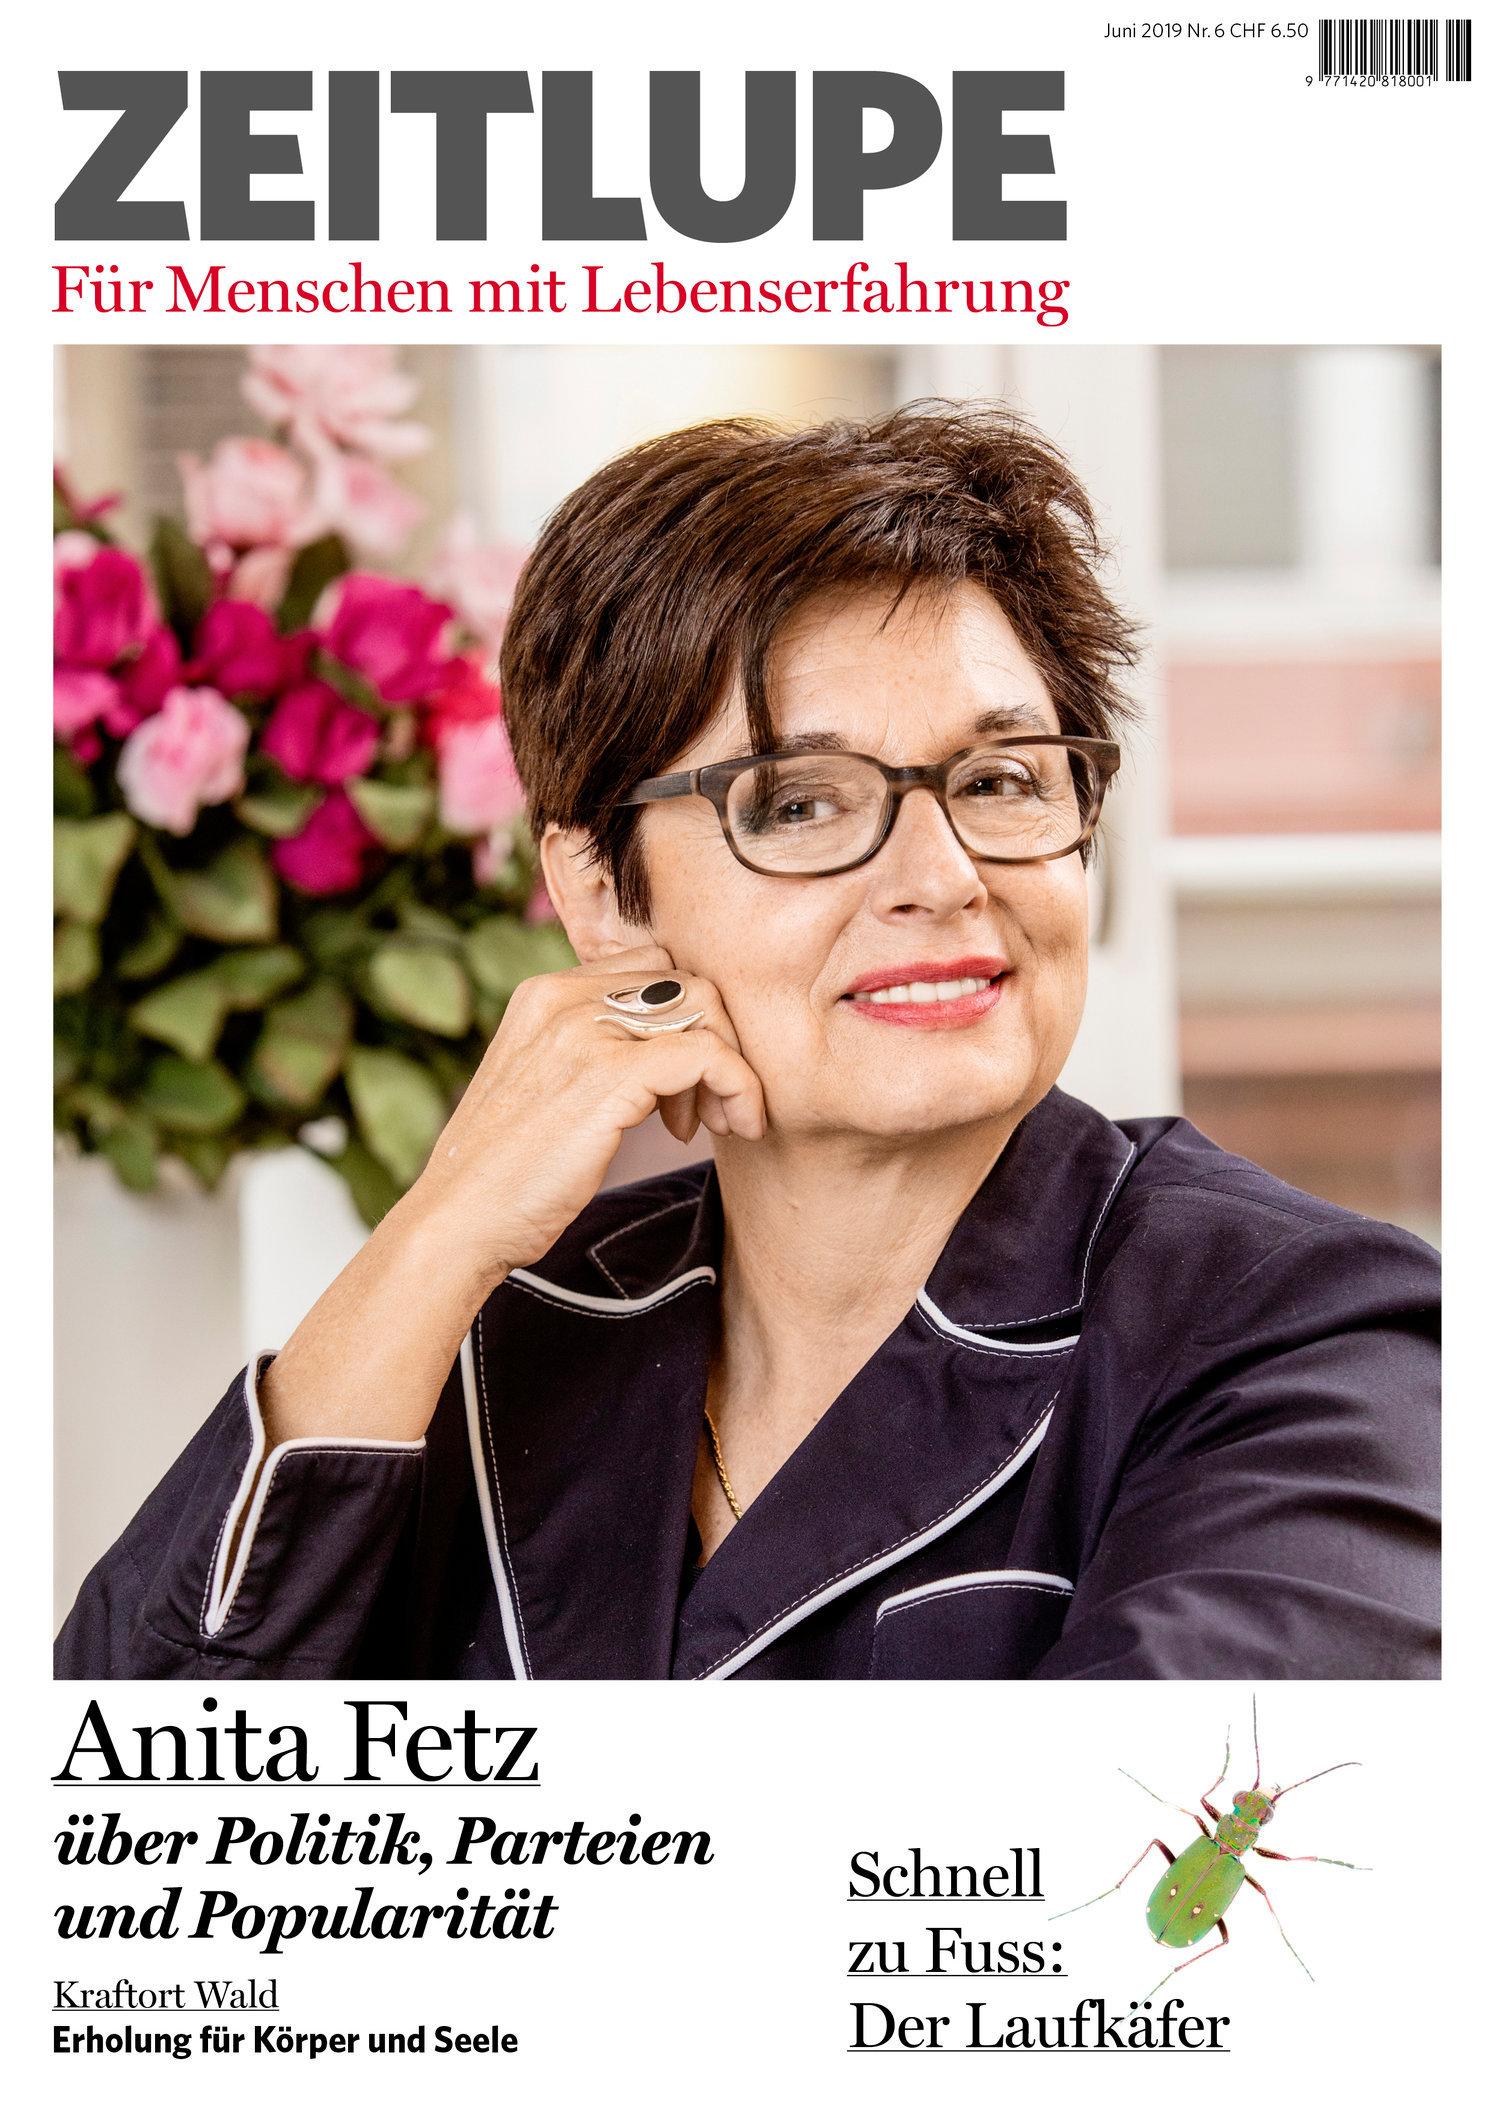 Anita Fetz, Juni 2019